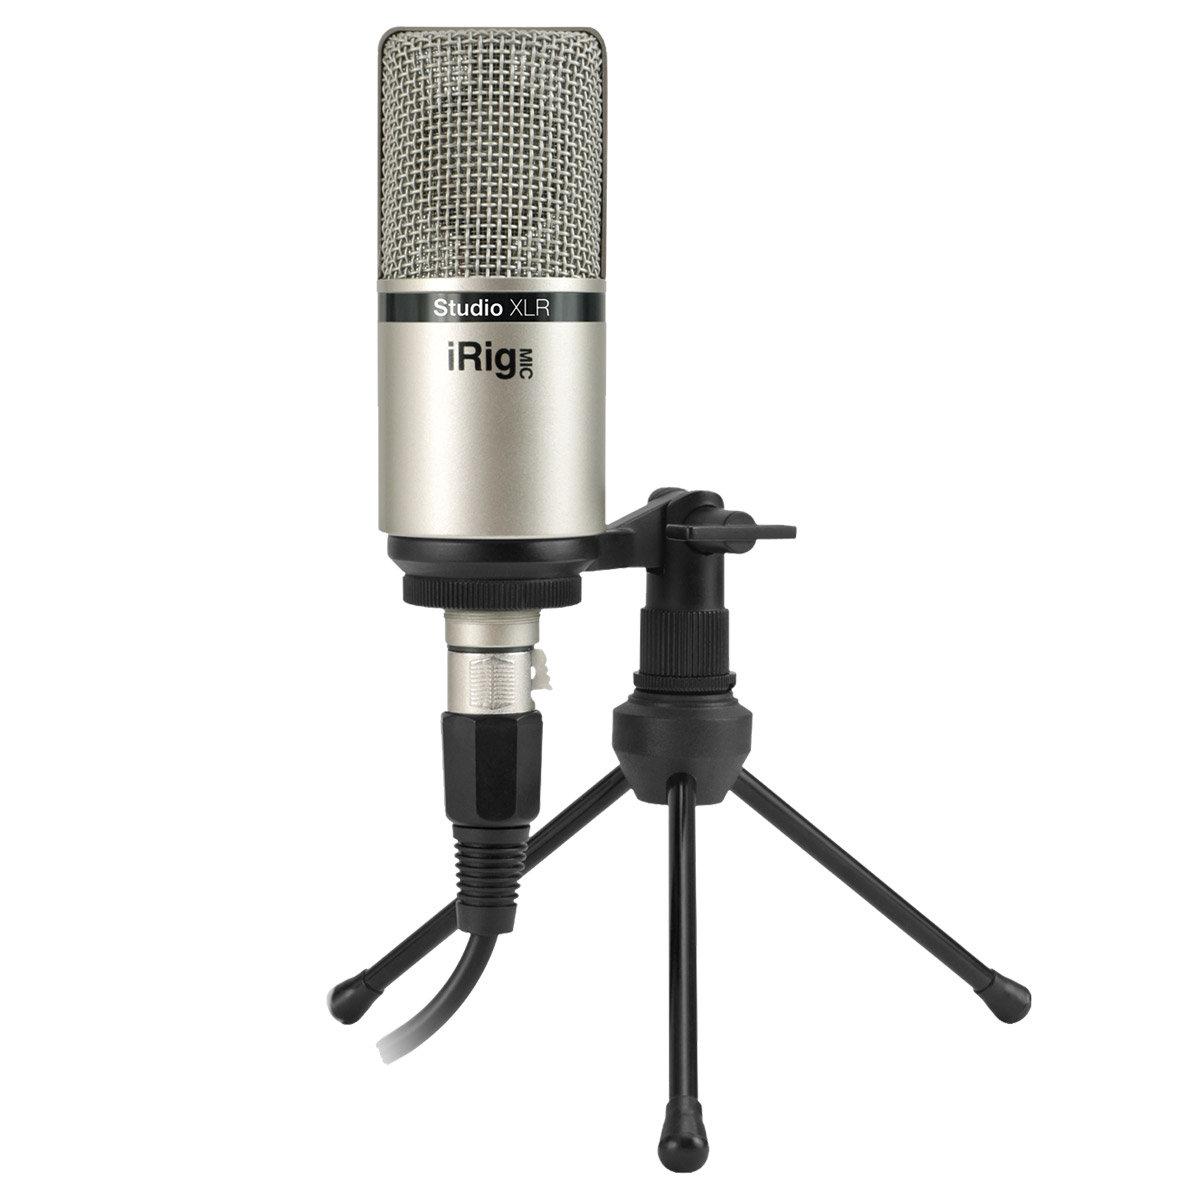 iRig Mic Studio XLR : Micrófono Estático IK Multimédia - SonoVente.com - es